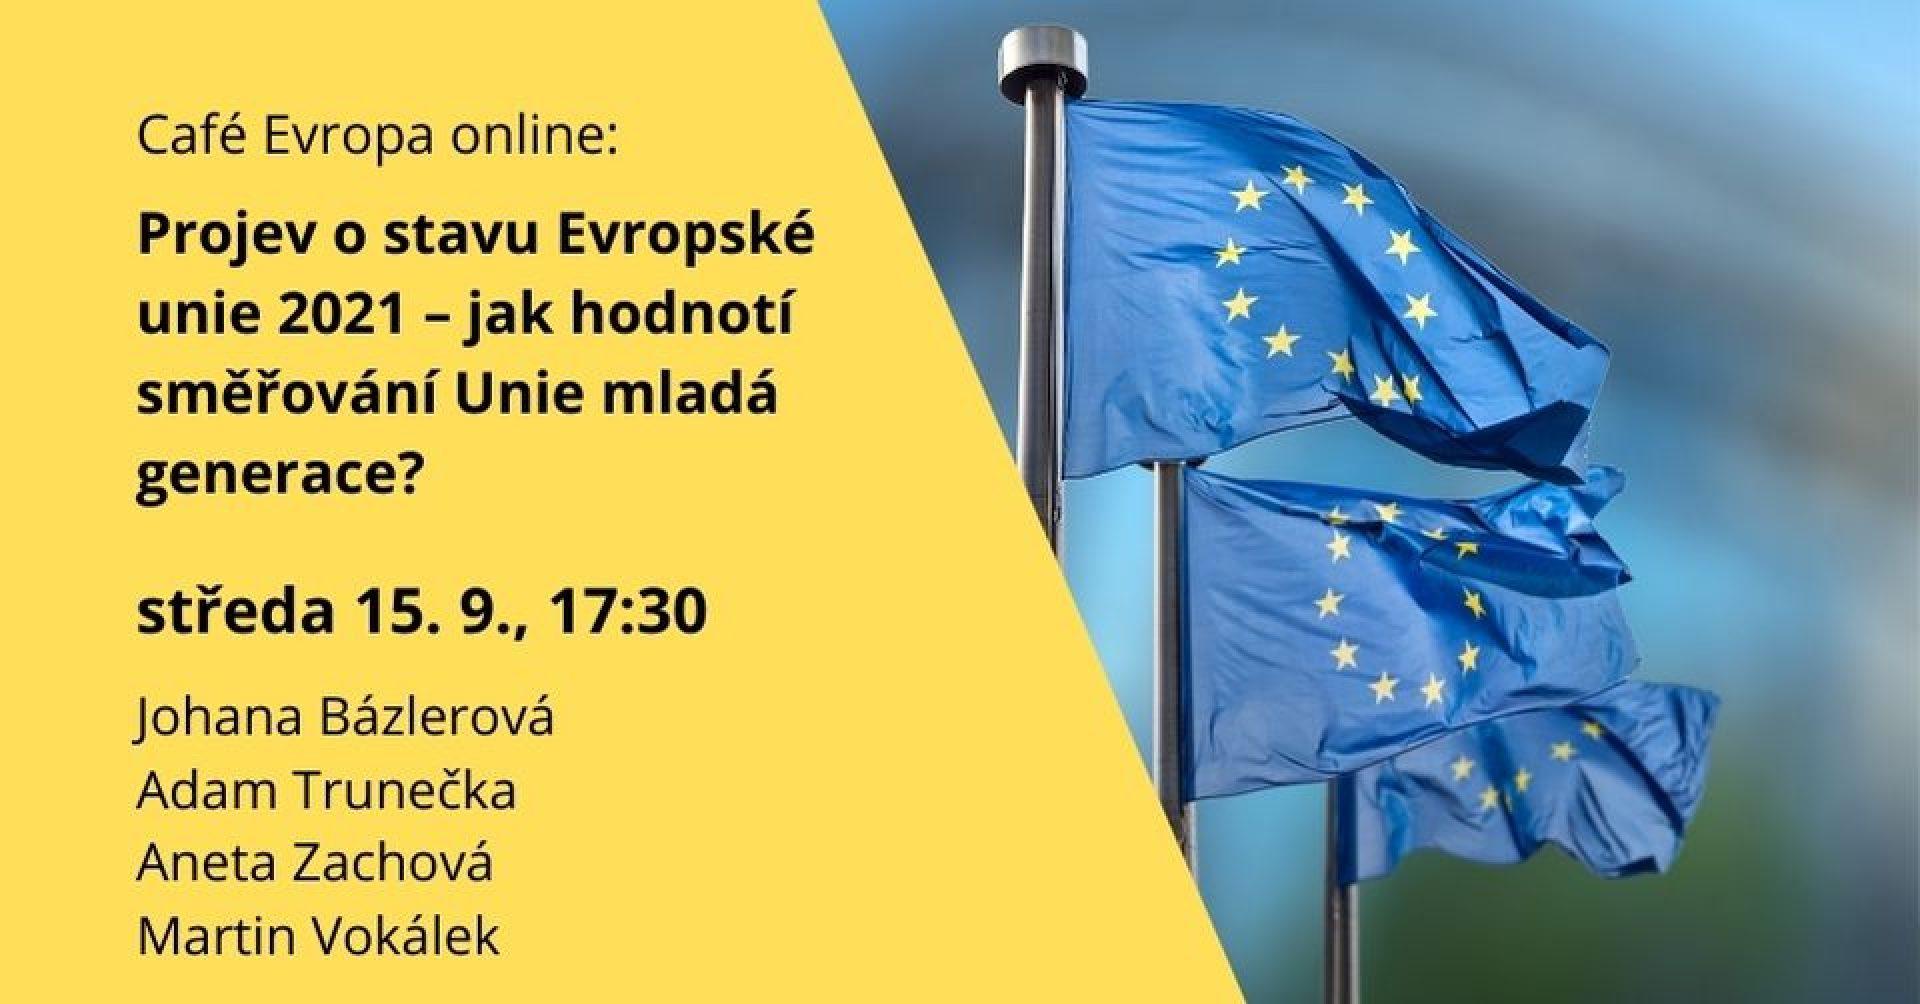 Pozvánka a obrázky vlajek EU